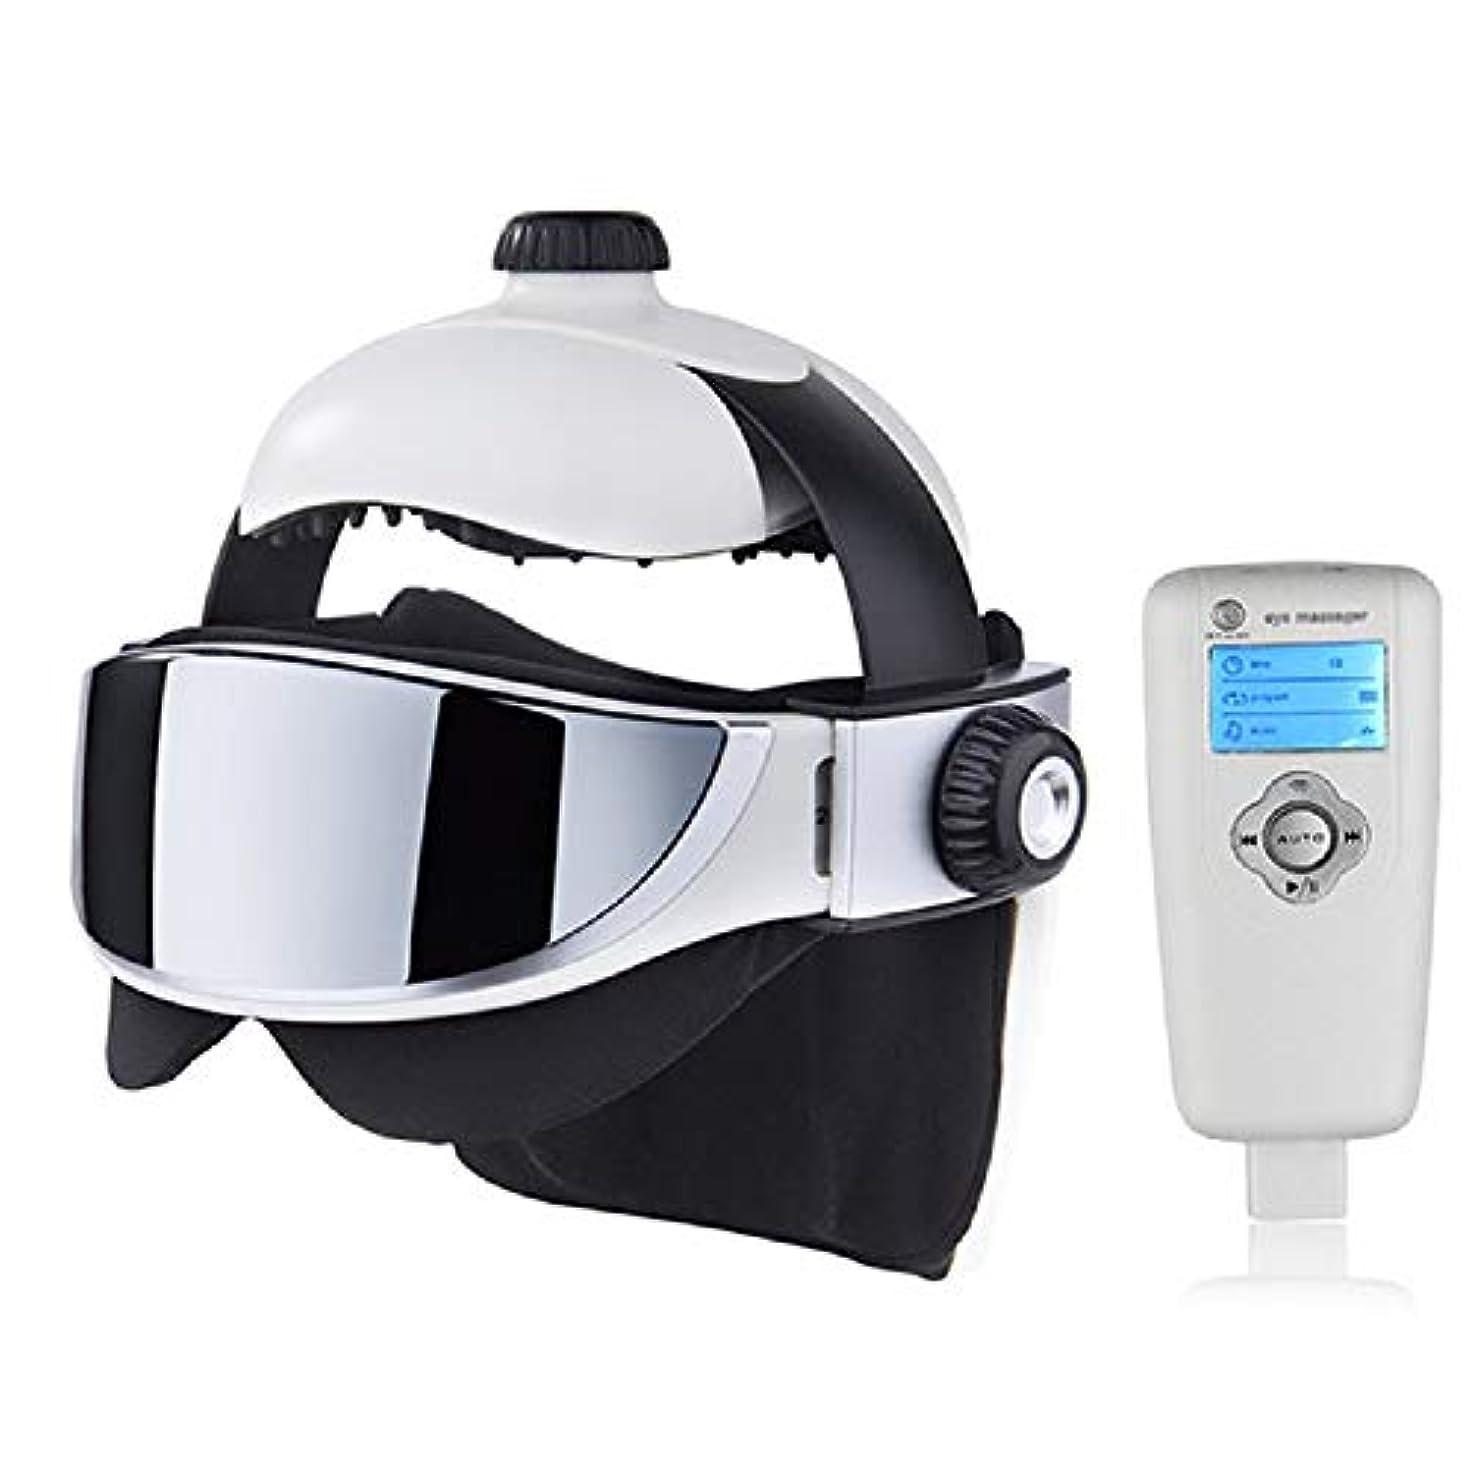 不和適用済み悲劇的なMeet now 高度な圧子2イン1ヘッドマッサージ、アイマッサージ、高度な音楽マッサージヘルメットデザイン 品質保証